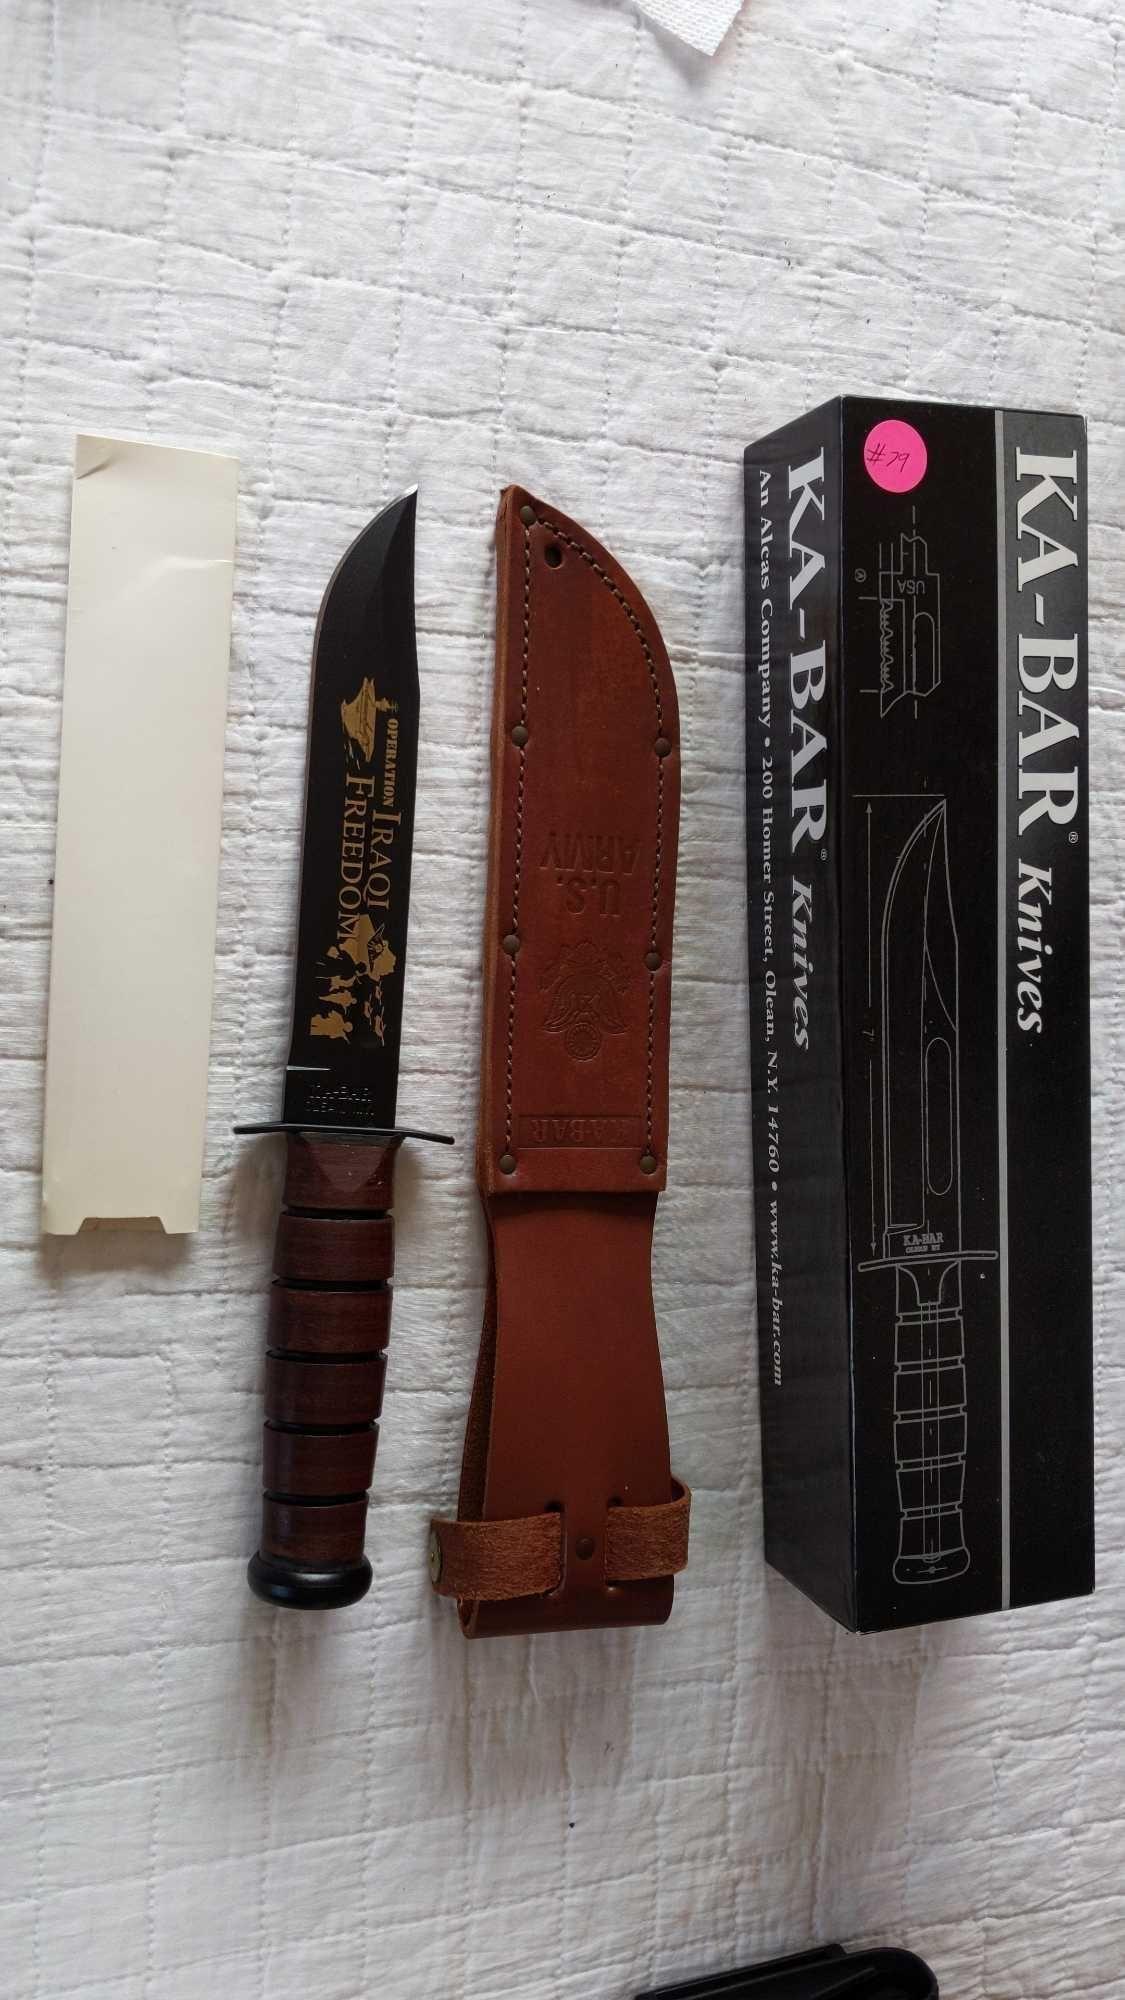 Ka-Bar USA Operation Iraqi Freedom US Army knife